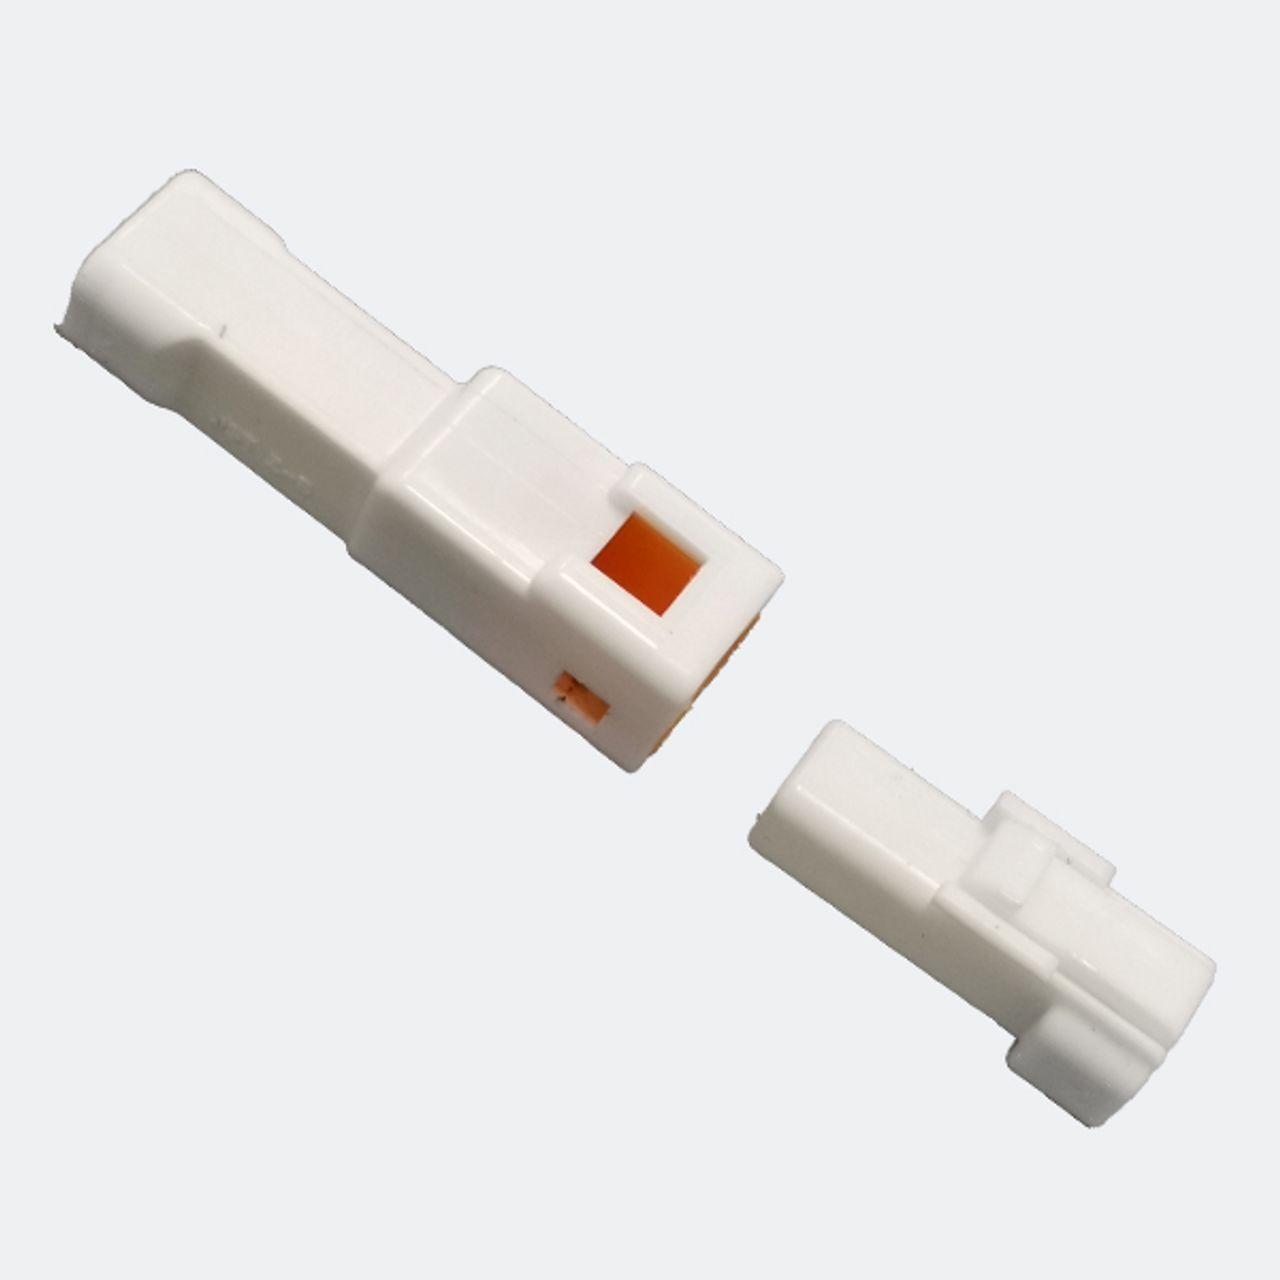 Lucoline® L-CON-BNK-M Abschlussstecker